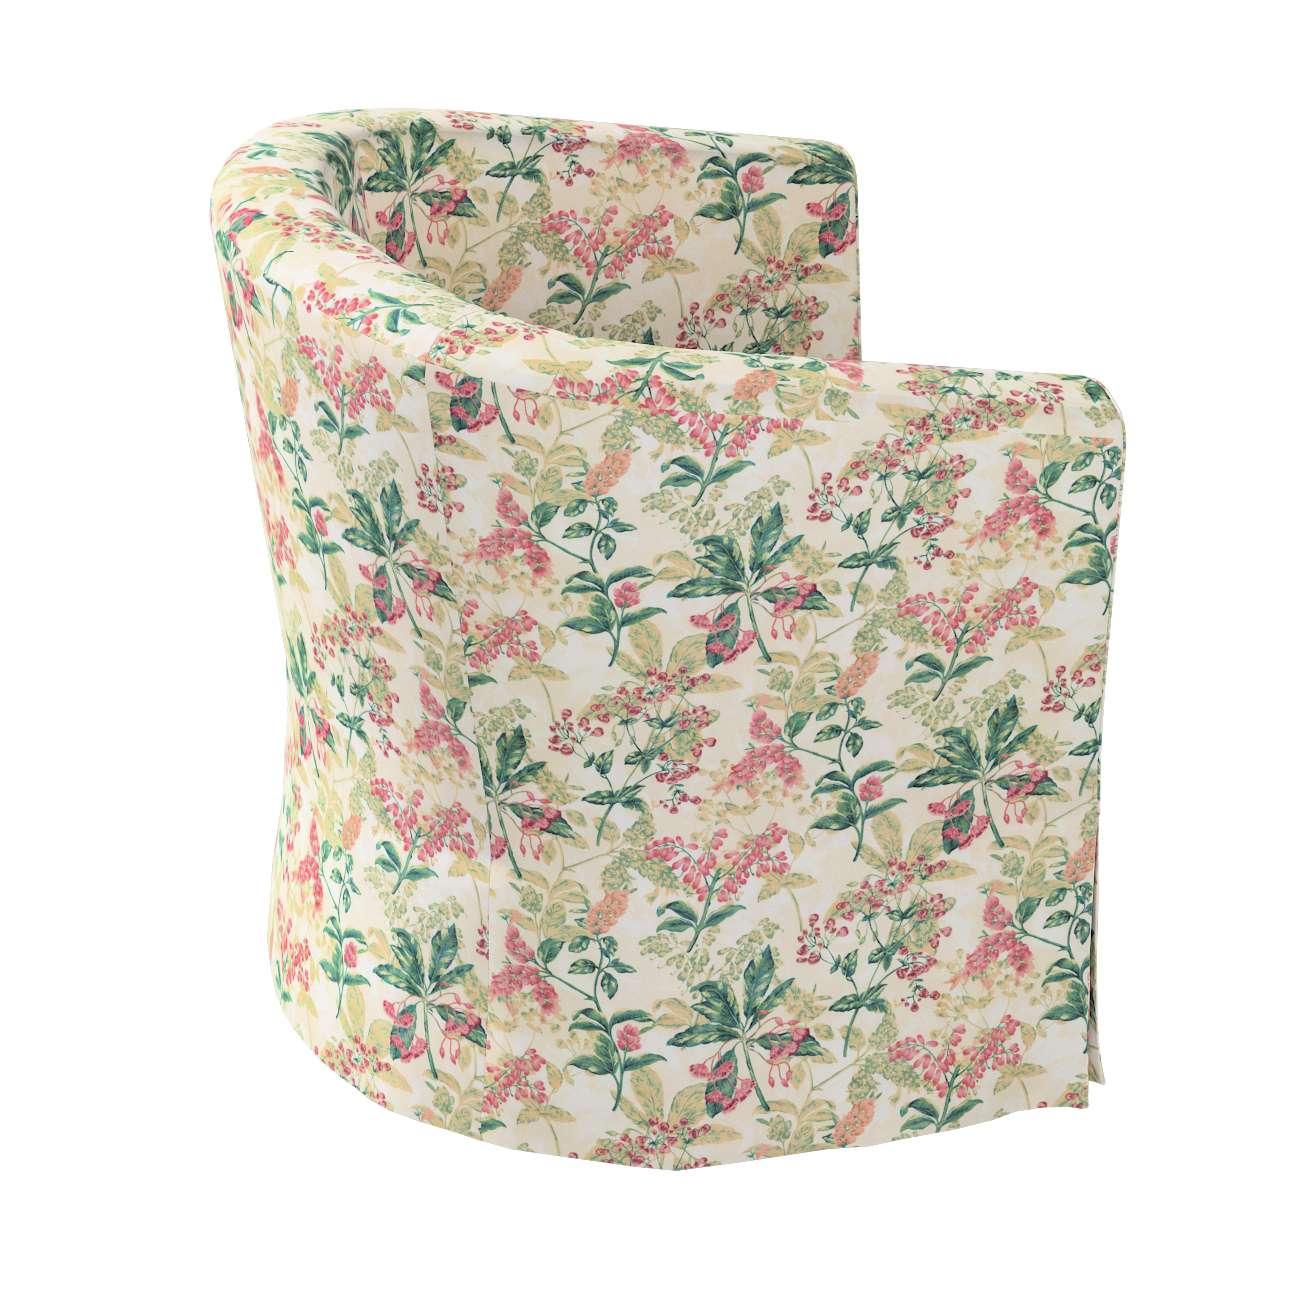 Pokrowiec na fotel Ektorp Tullsta w kolekcji Londres, tkanina: 143-41